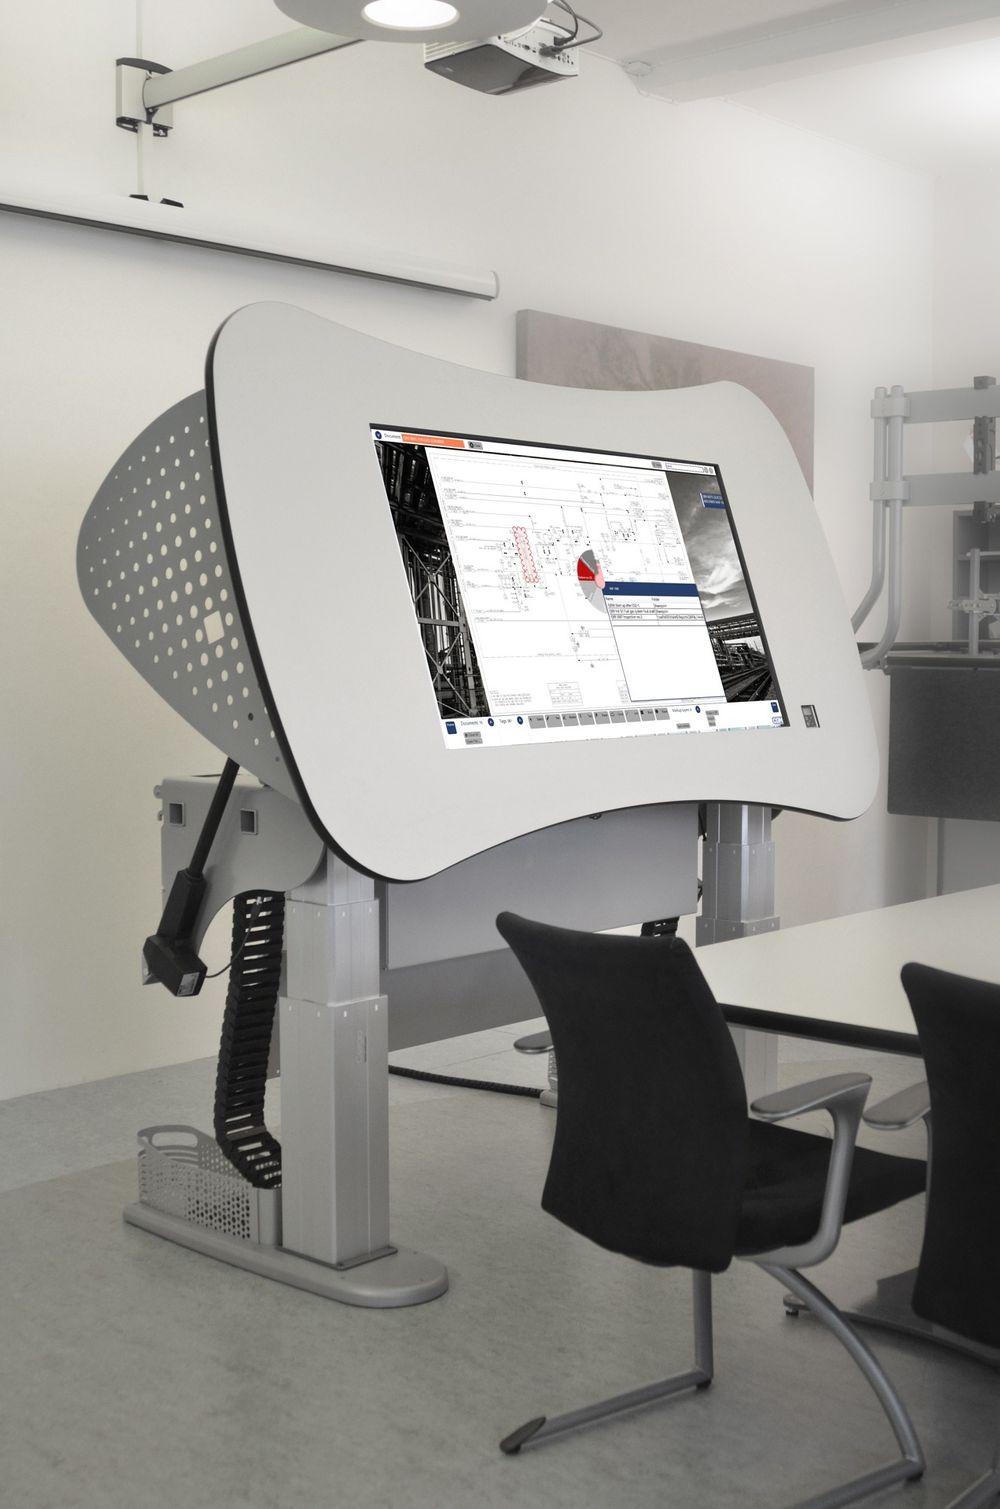 Samhandlingsbord med tilgang til dokumenter og integrasjonsmuligheter til andre driftssystemer.